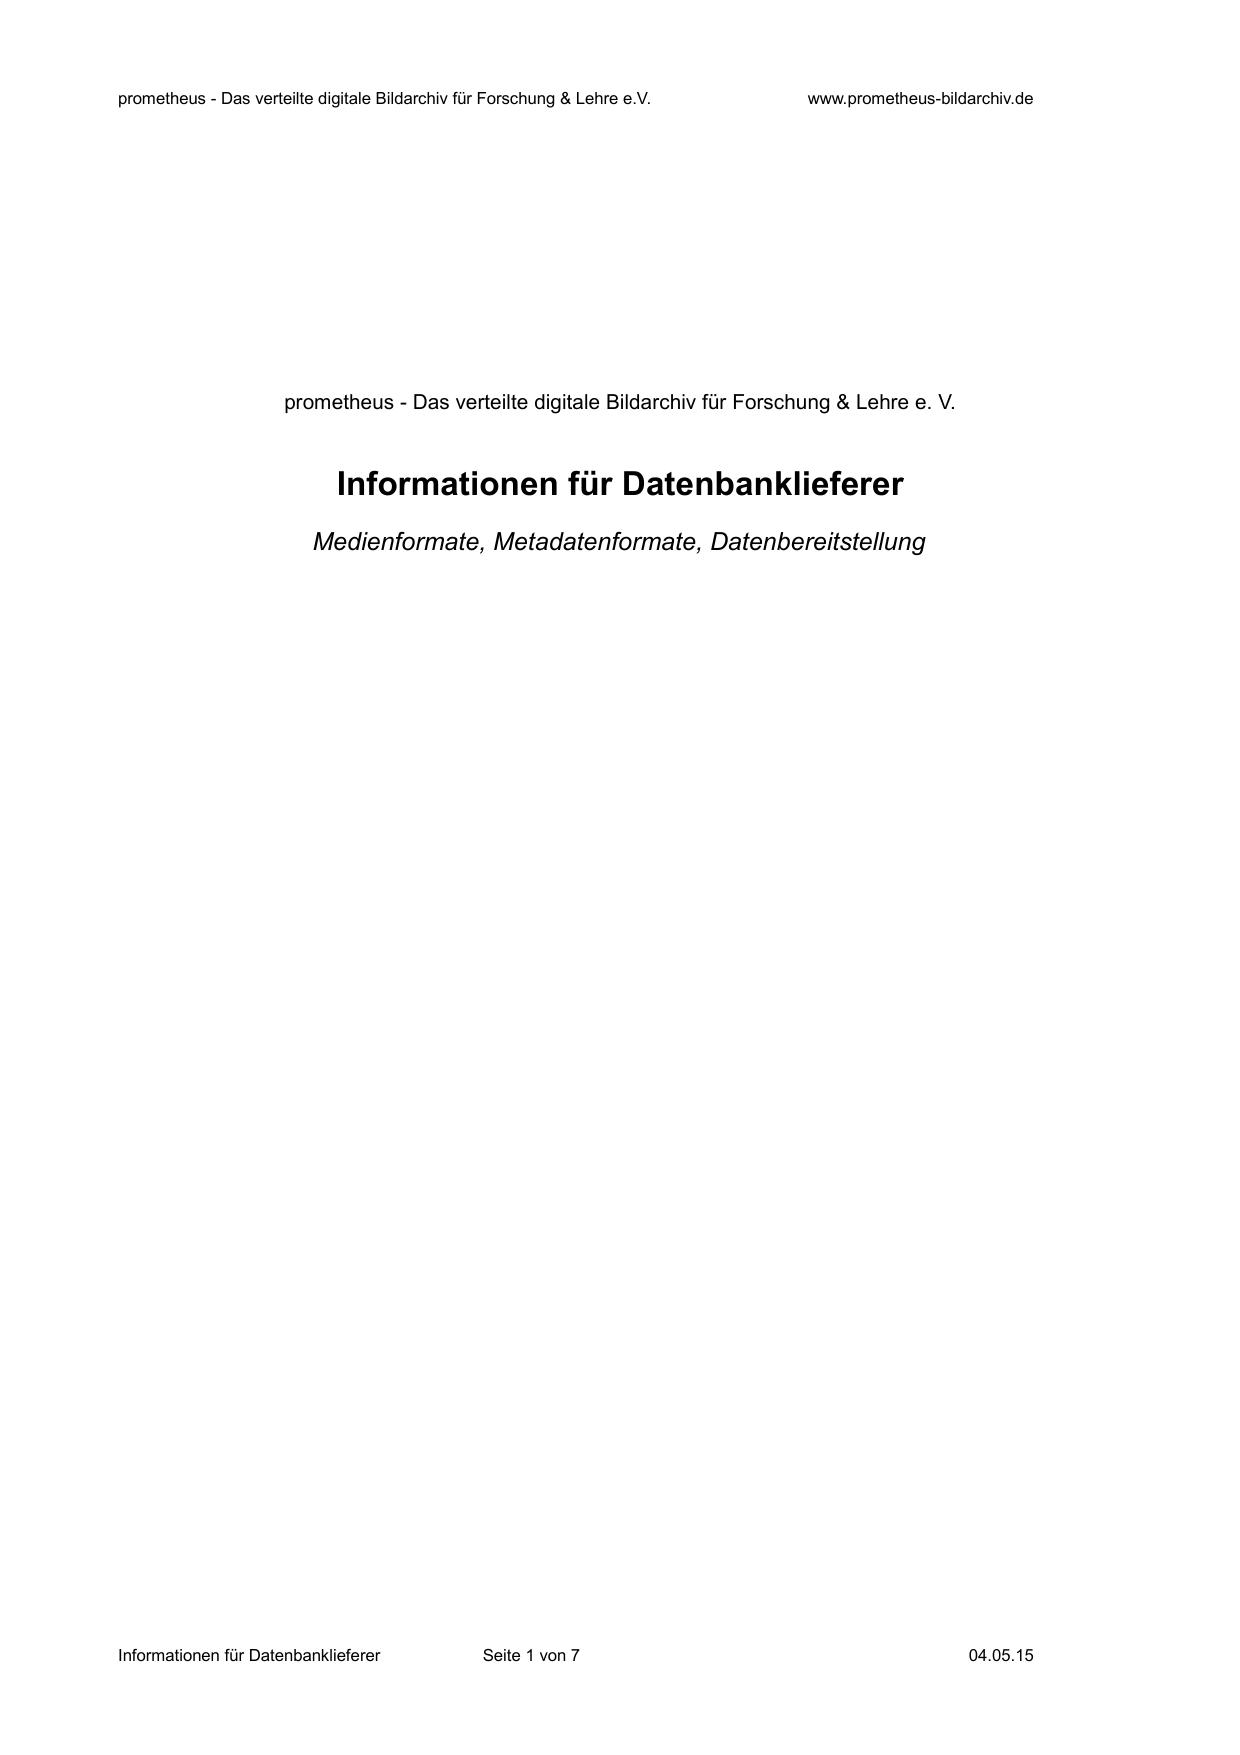 Informationen Für Datenbanklieferer Prometheus